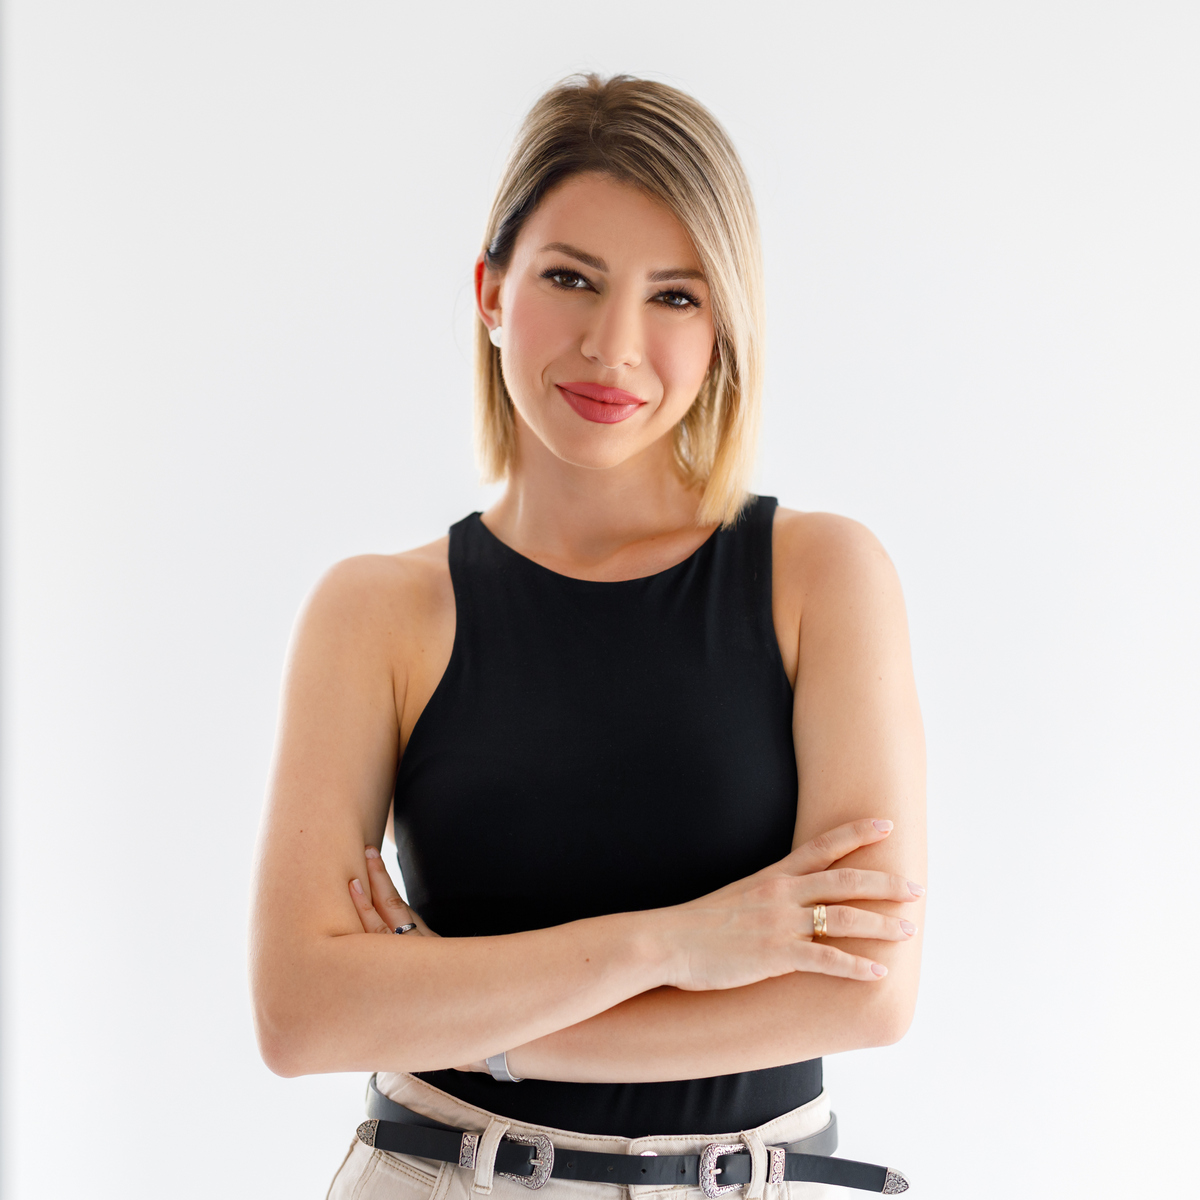 Dobro poznato lice - Bojana Vujković